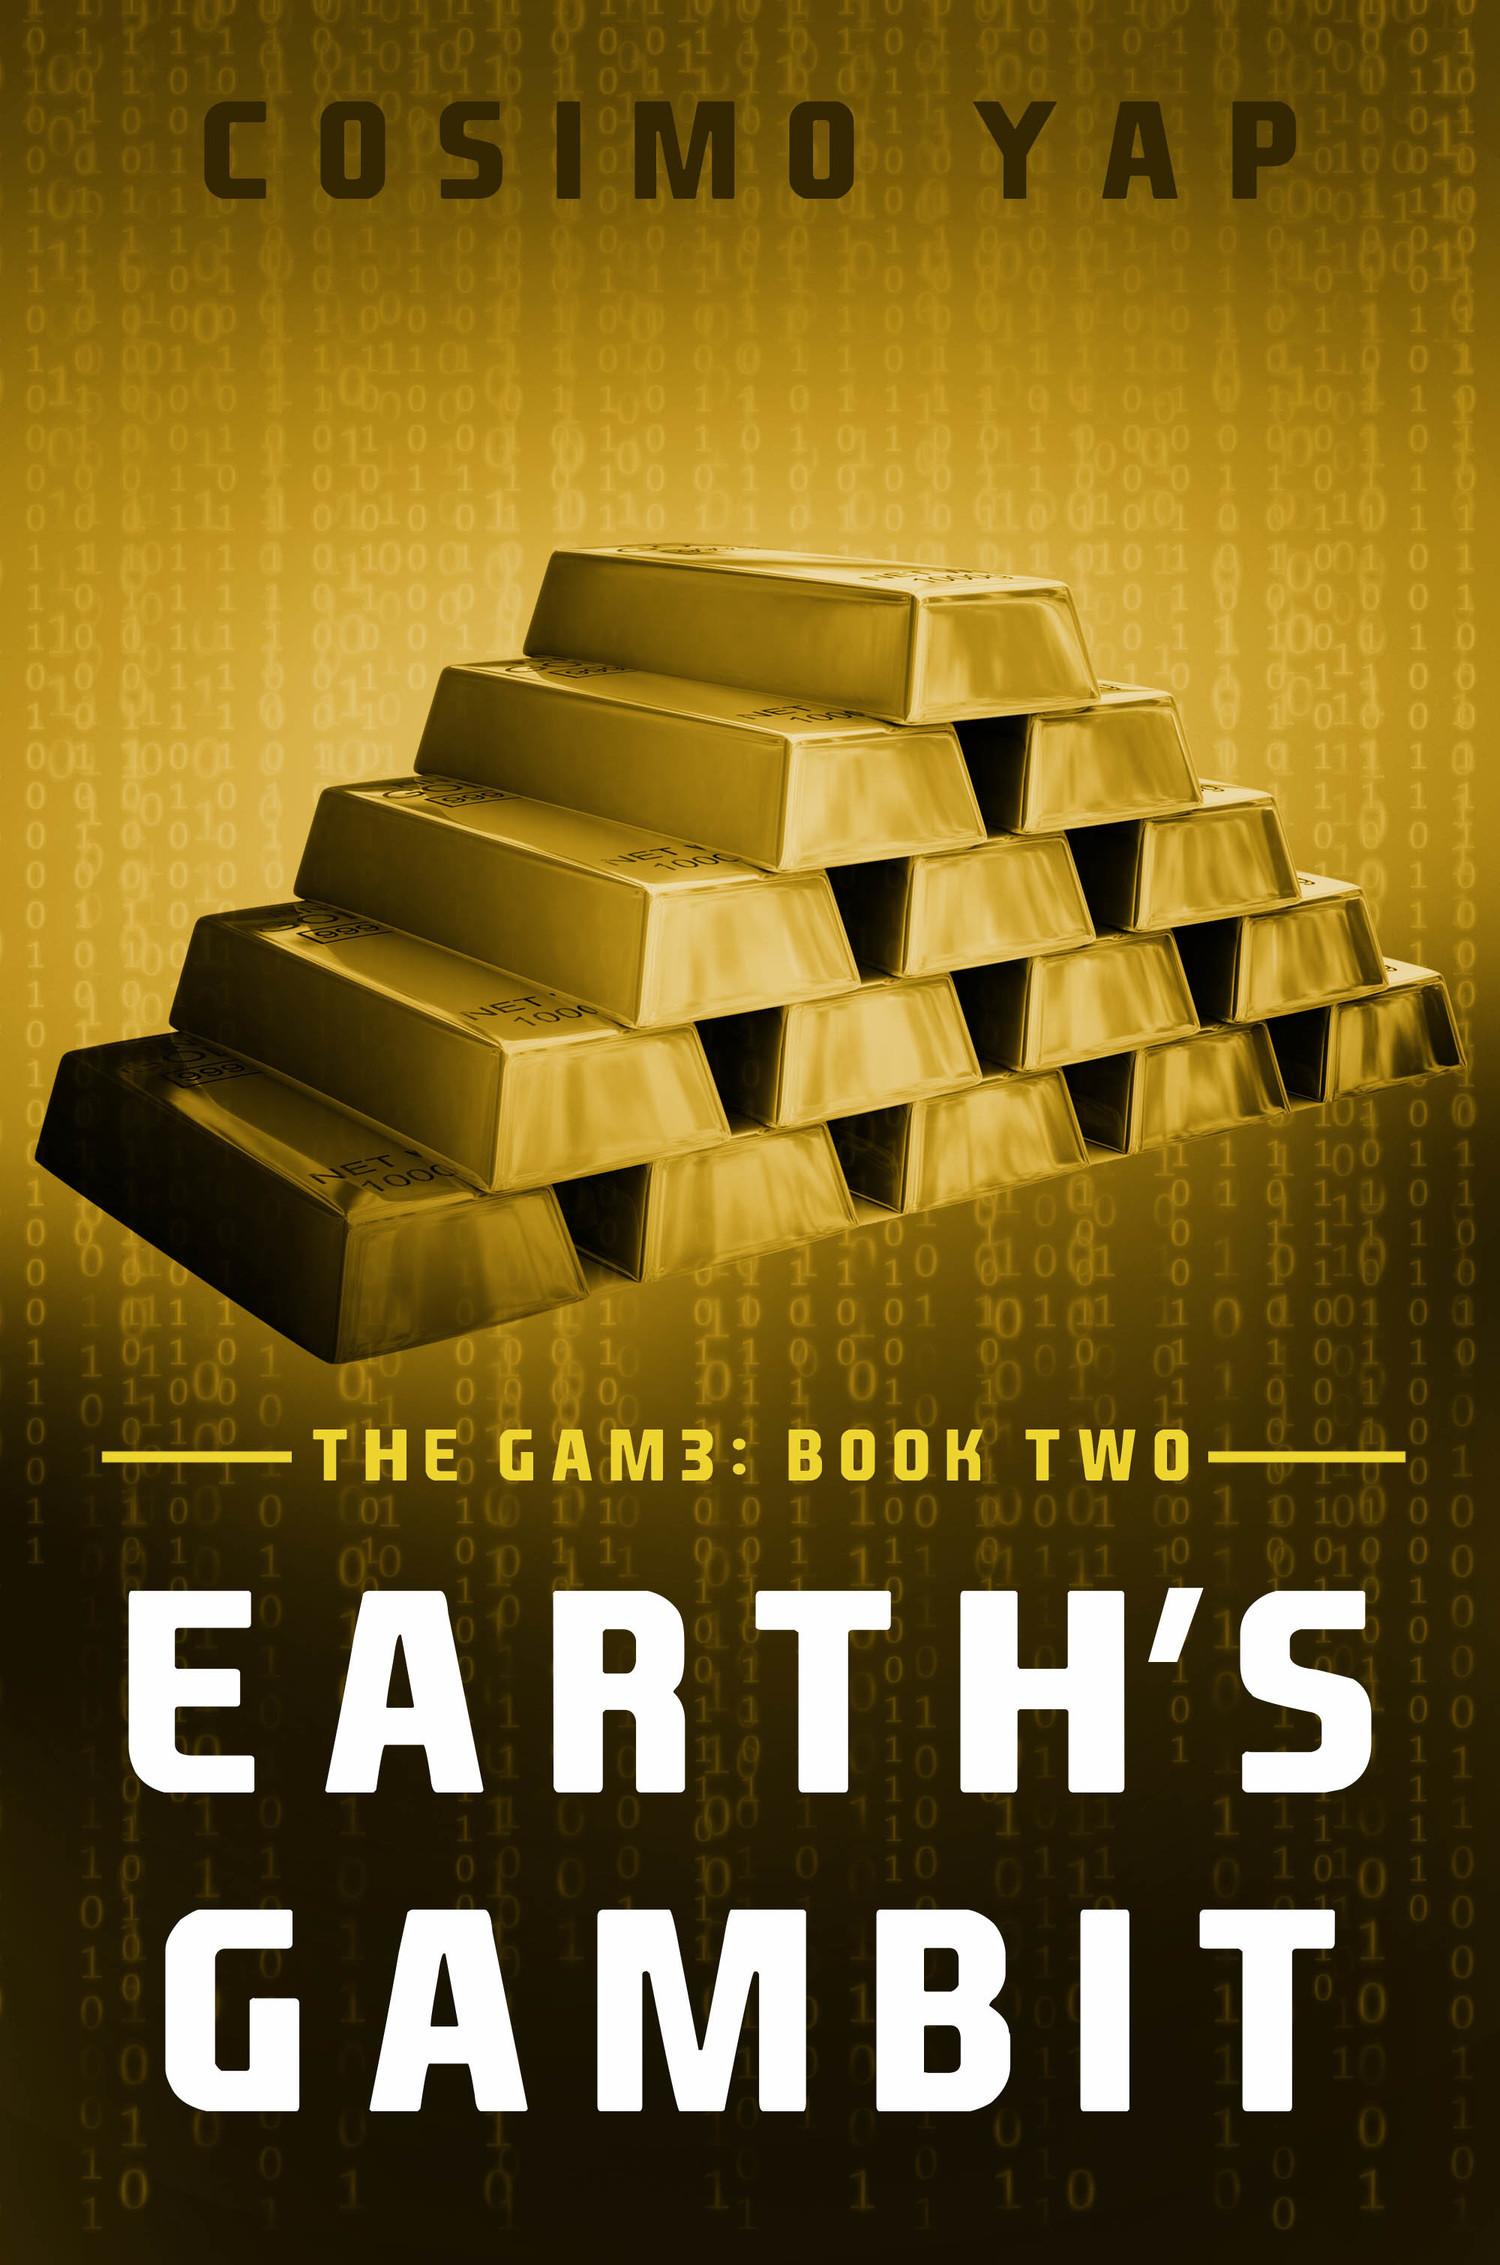 Гамбит Земли (Earth's Gambit)